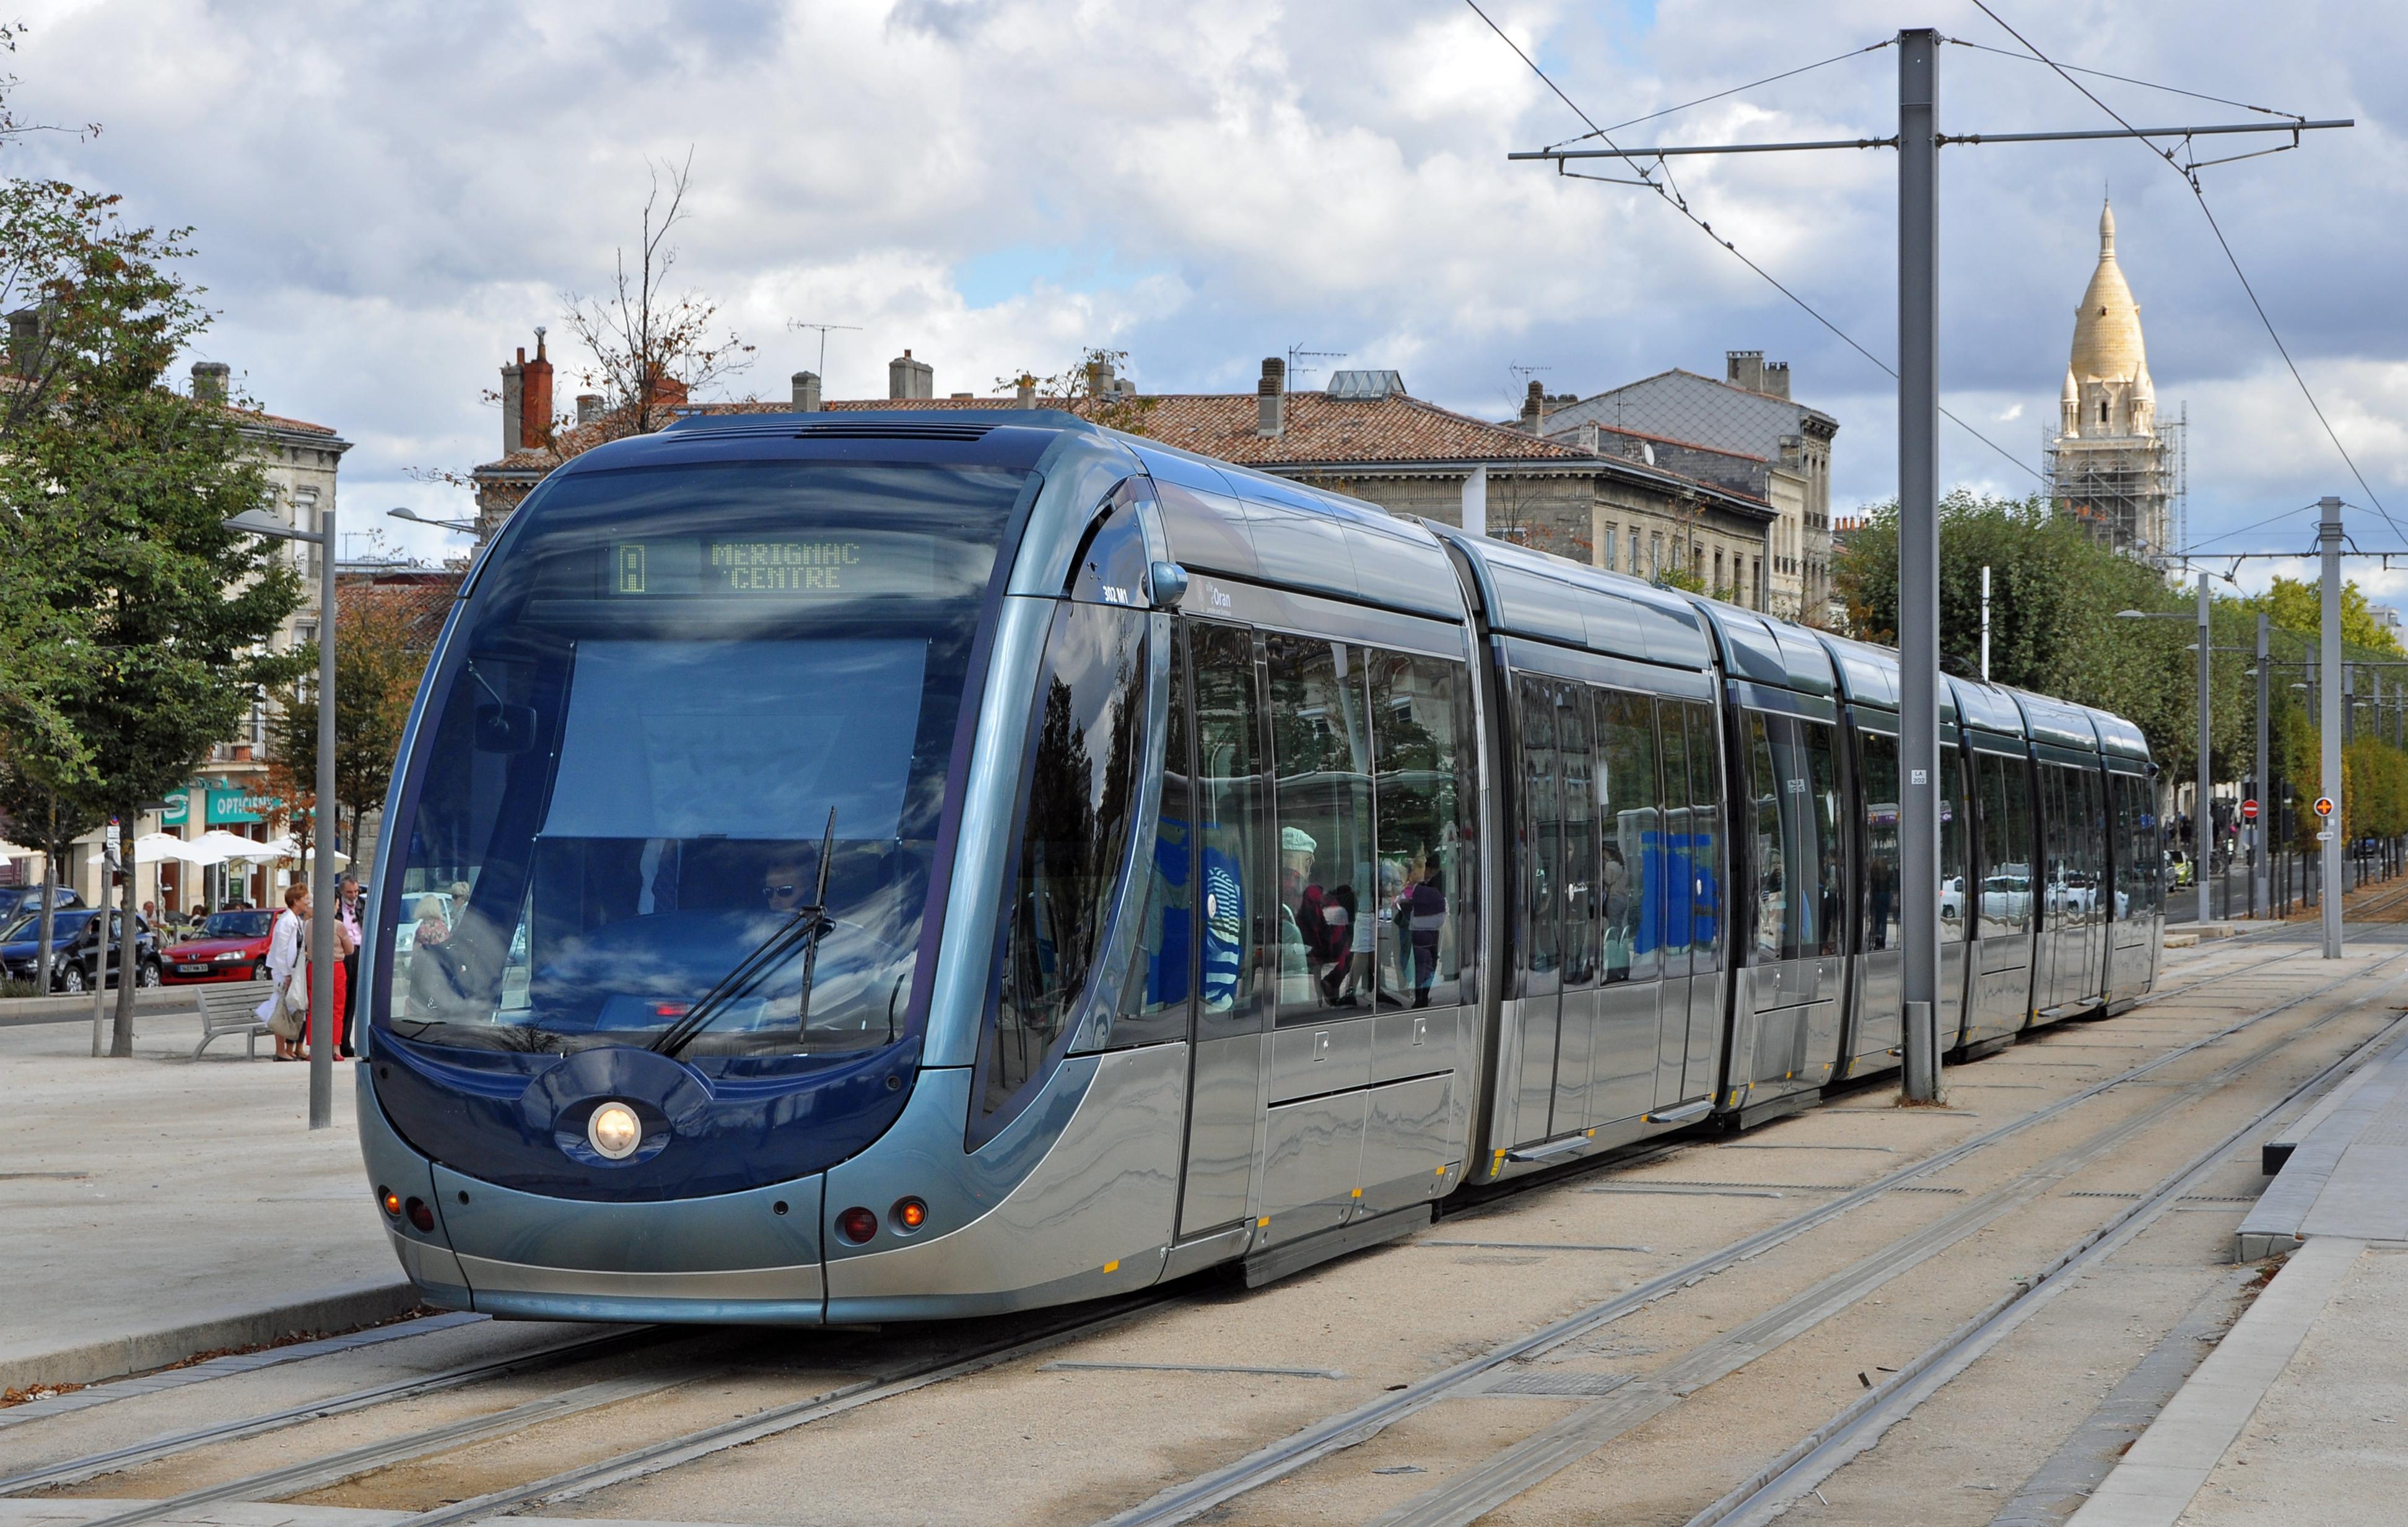 bordeaux_tram_r01.jpg